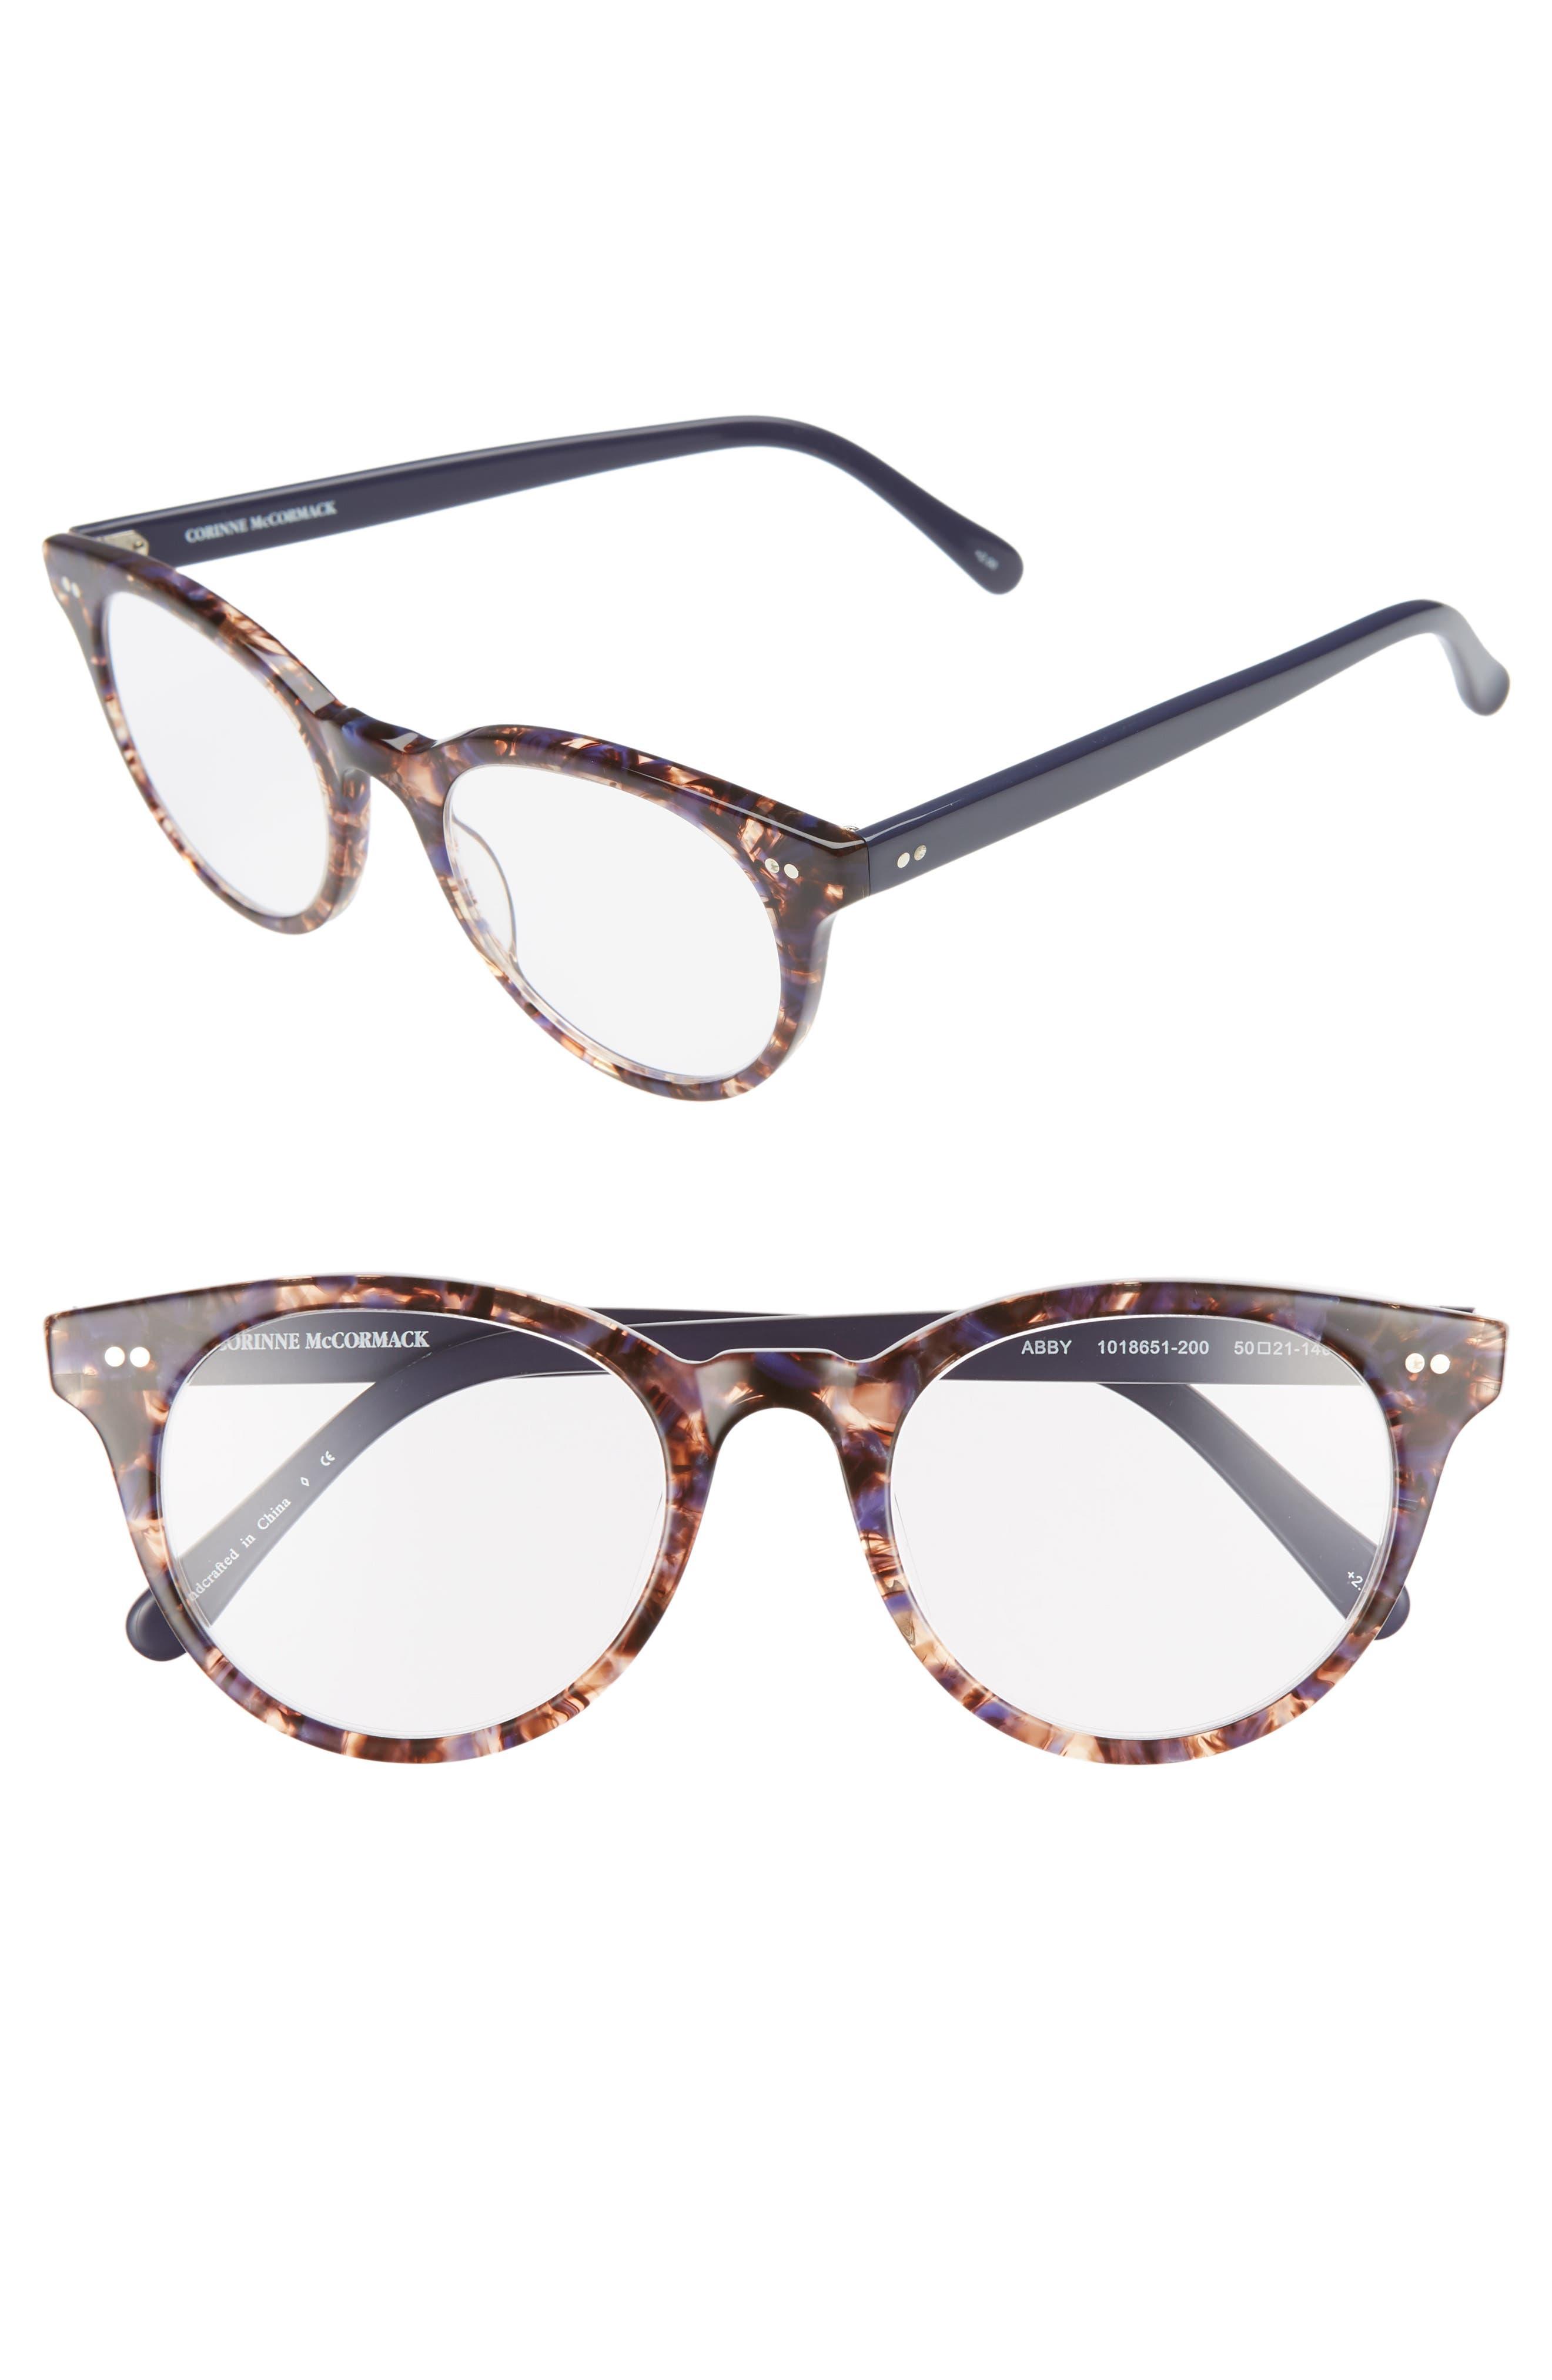 1940s Sunglasses, Glasses & Eyeglasses History Womens Corinne Mccormack Abby 50Mm Reading Glasses - Tortoise Navy Blue $68.00 AT vintagedancer.com